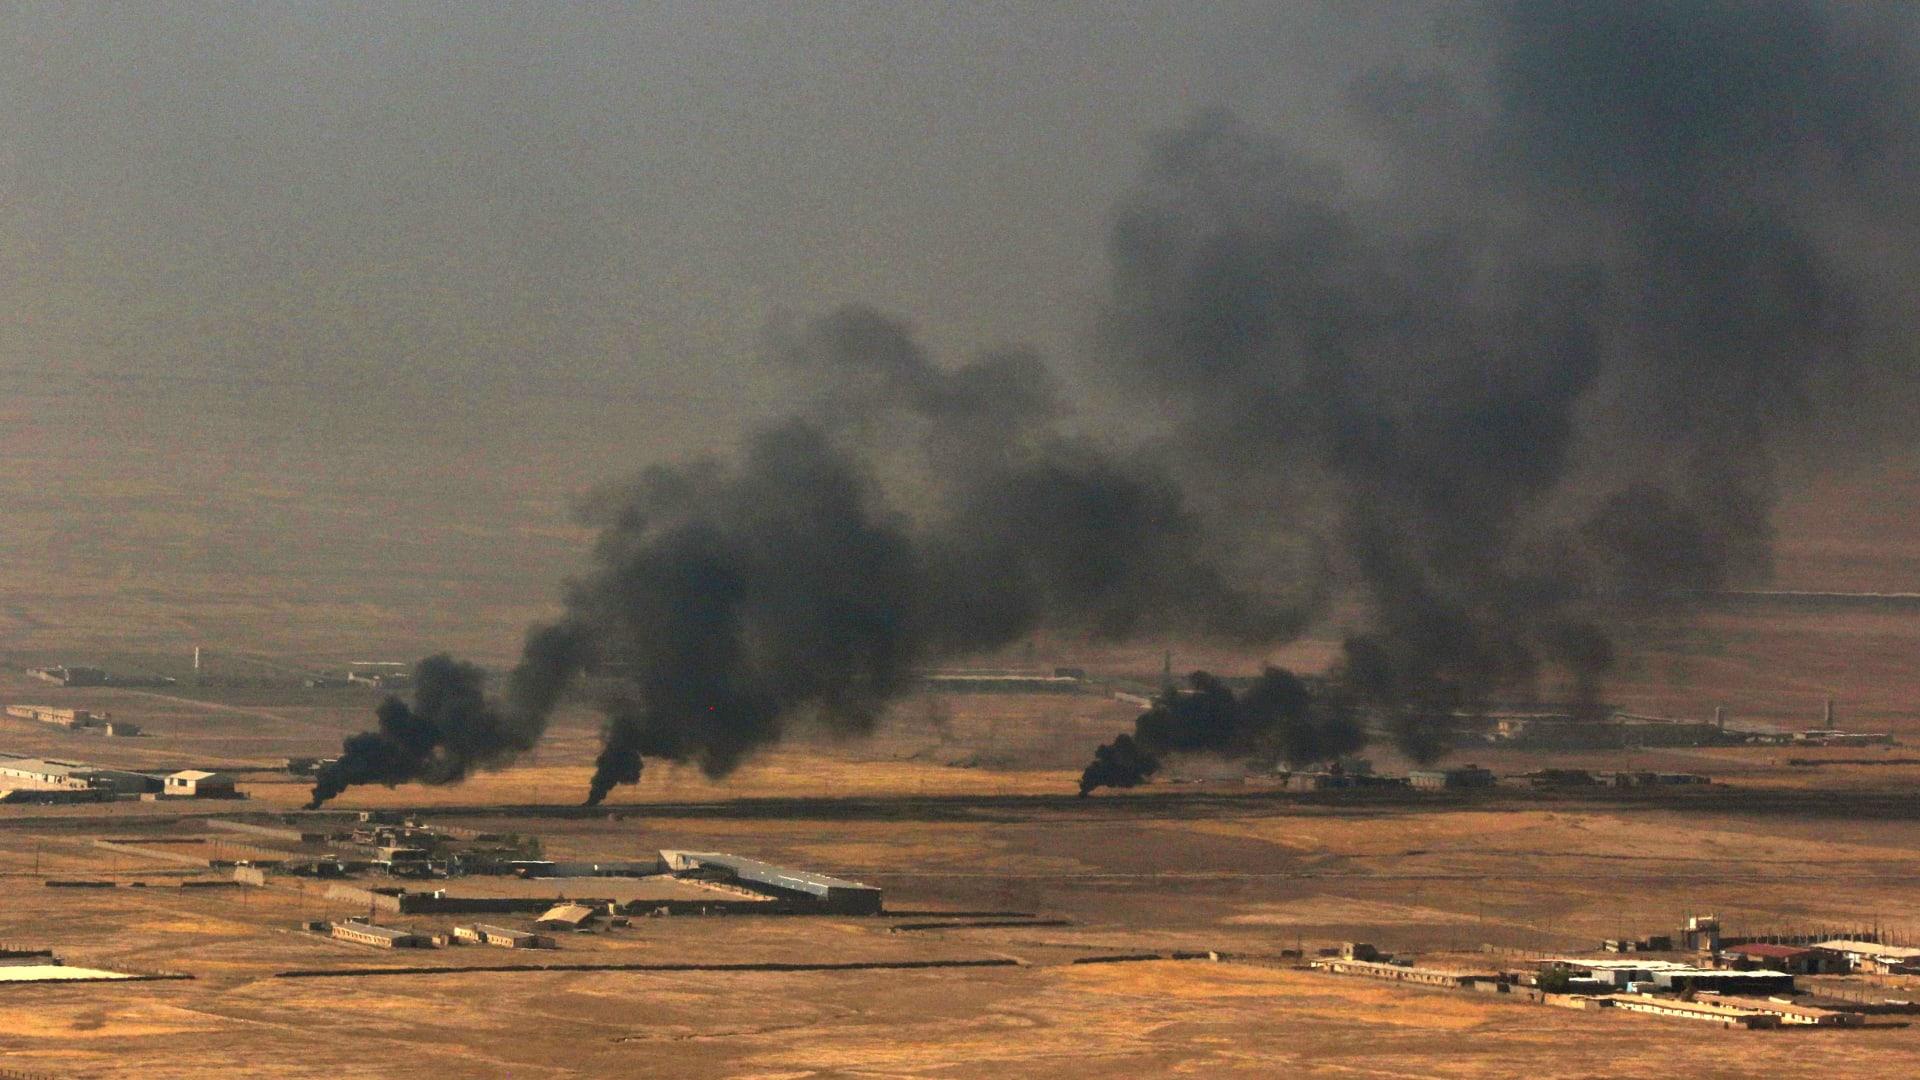 شاهد عنصر بداعش يقود سيارته المفخخة صوب القوات العراقية بالموصل